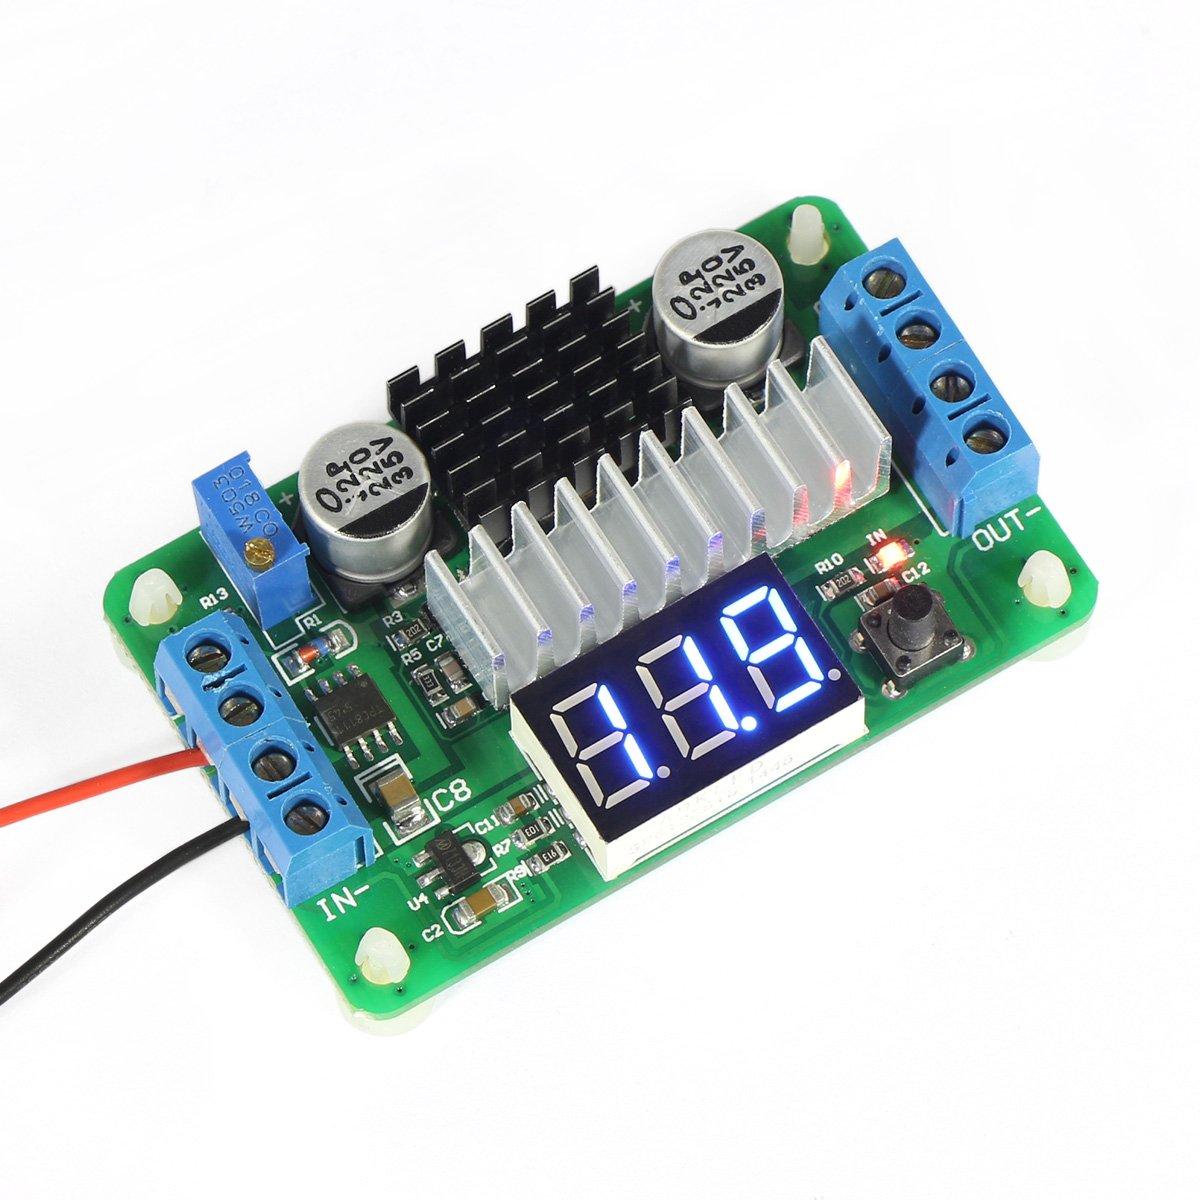 DROK LTC1871 3.5V-30V DC Boost Converter Power Transformer Voltage Regulator 5V/12V Step Up Volt Module Power Supply Board for Car Auto Motor Motorcycle Automotive etc